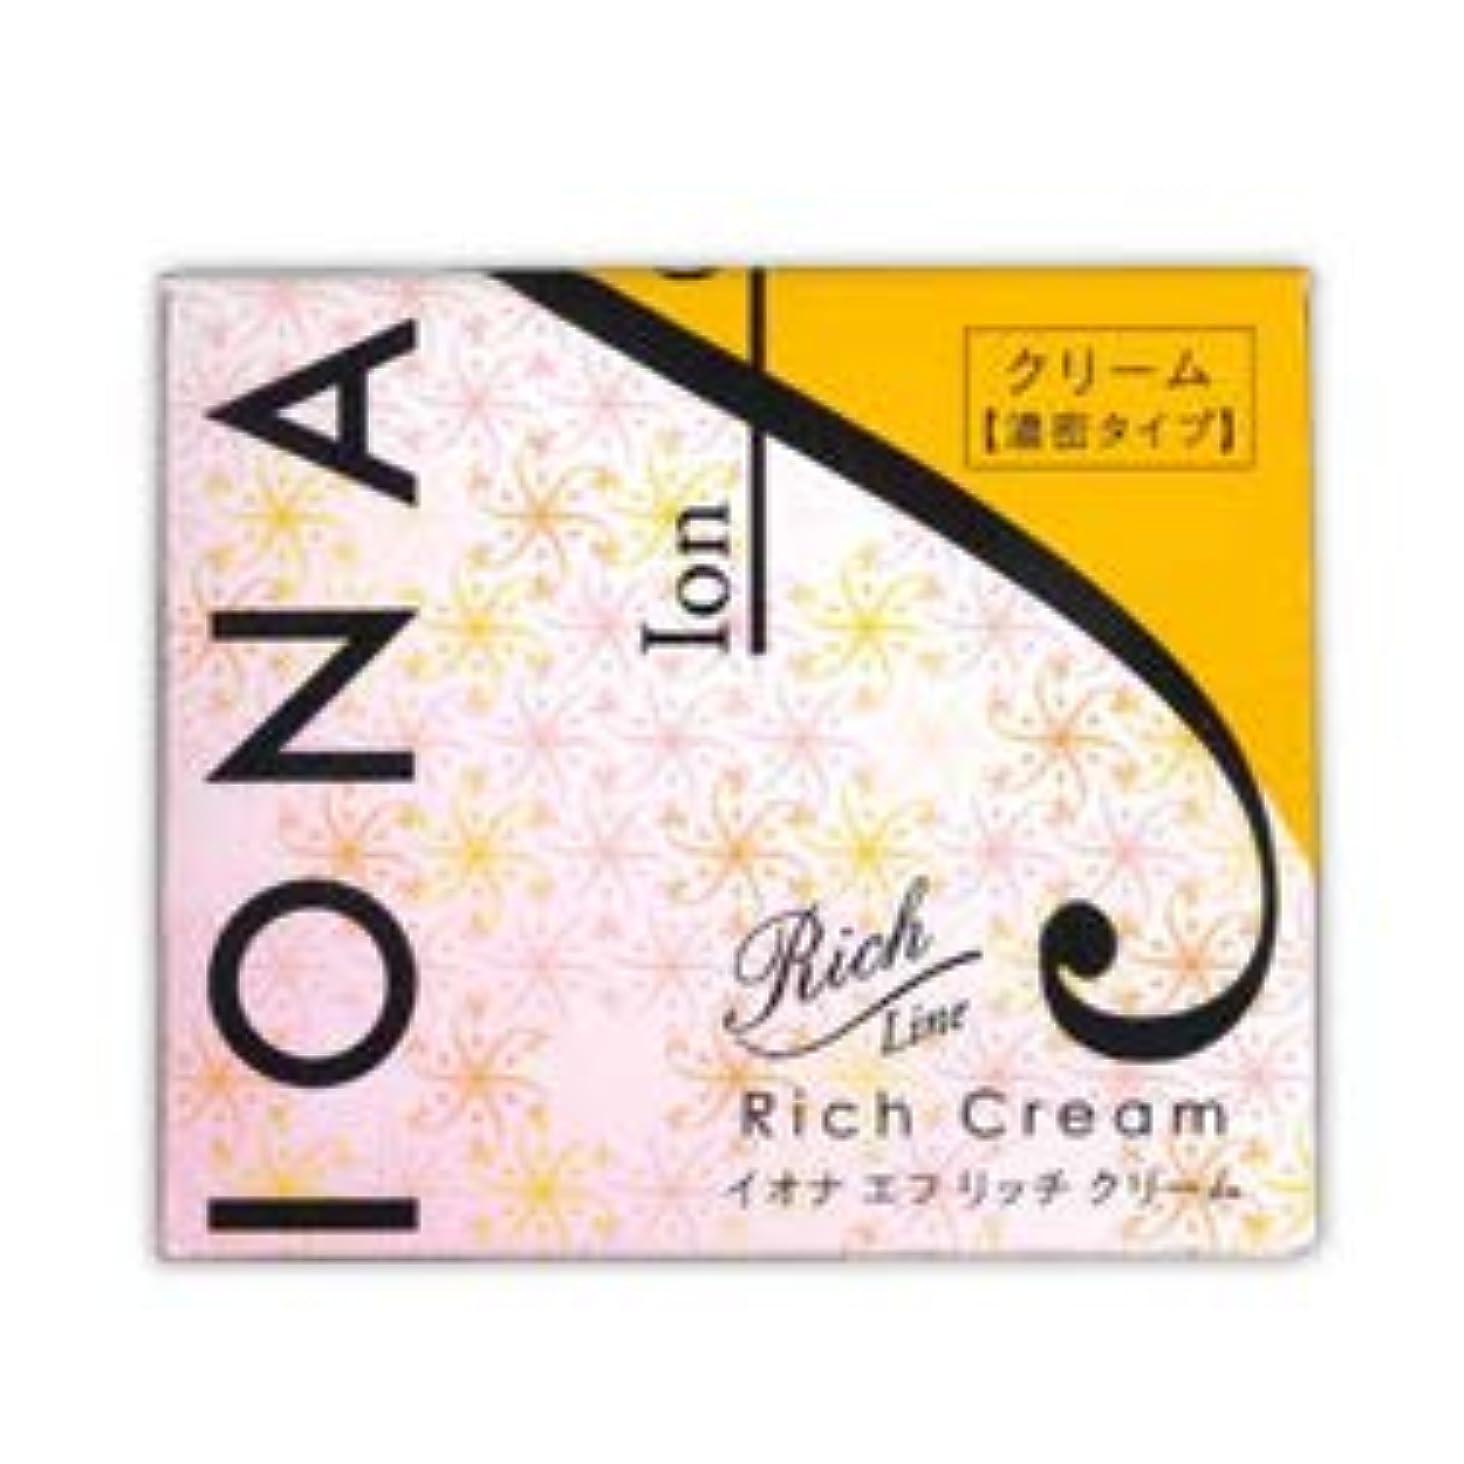 反動小売レーザ【イオナ】イオナ エフ リッチクリーム (濃密タイプ) 40g ×5個セット